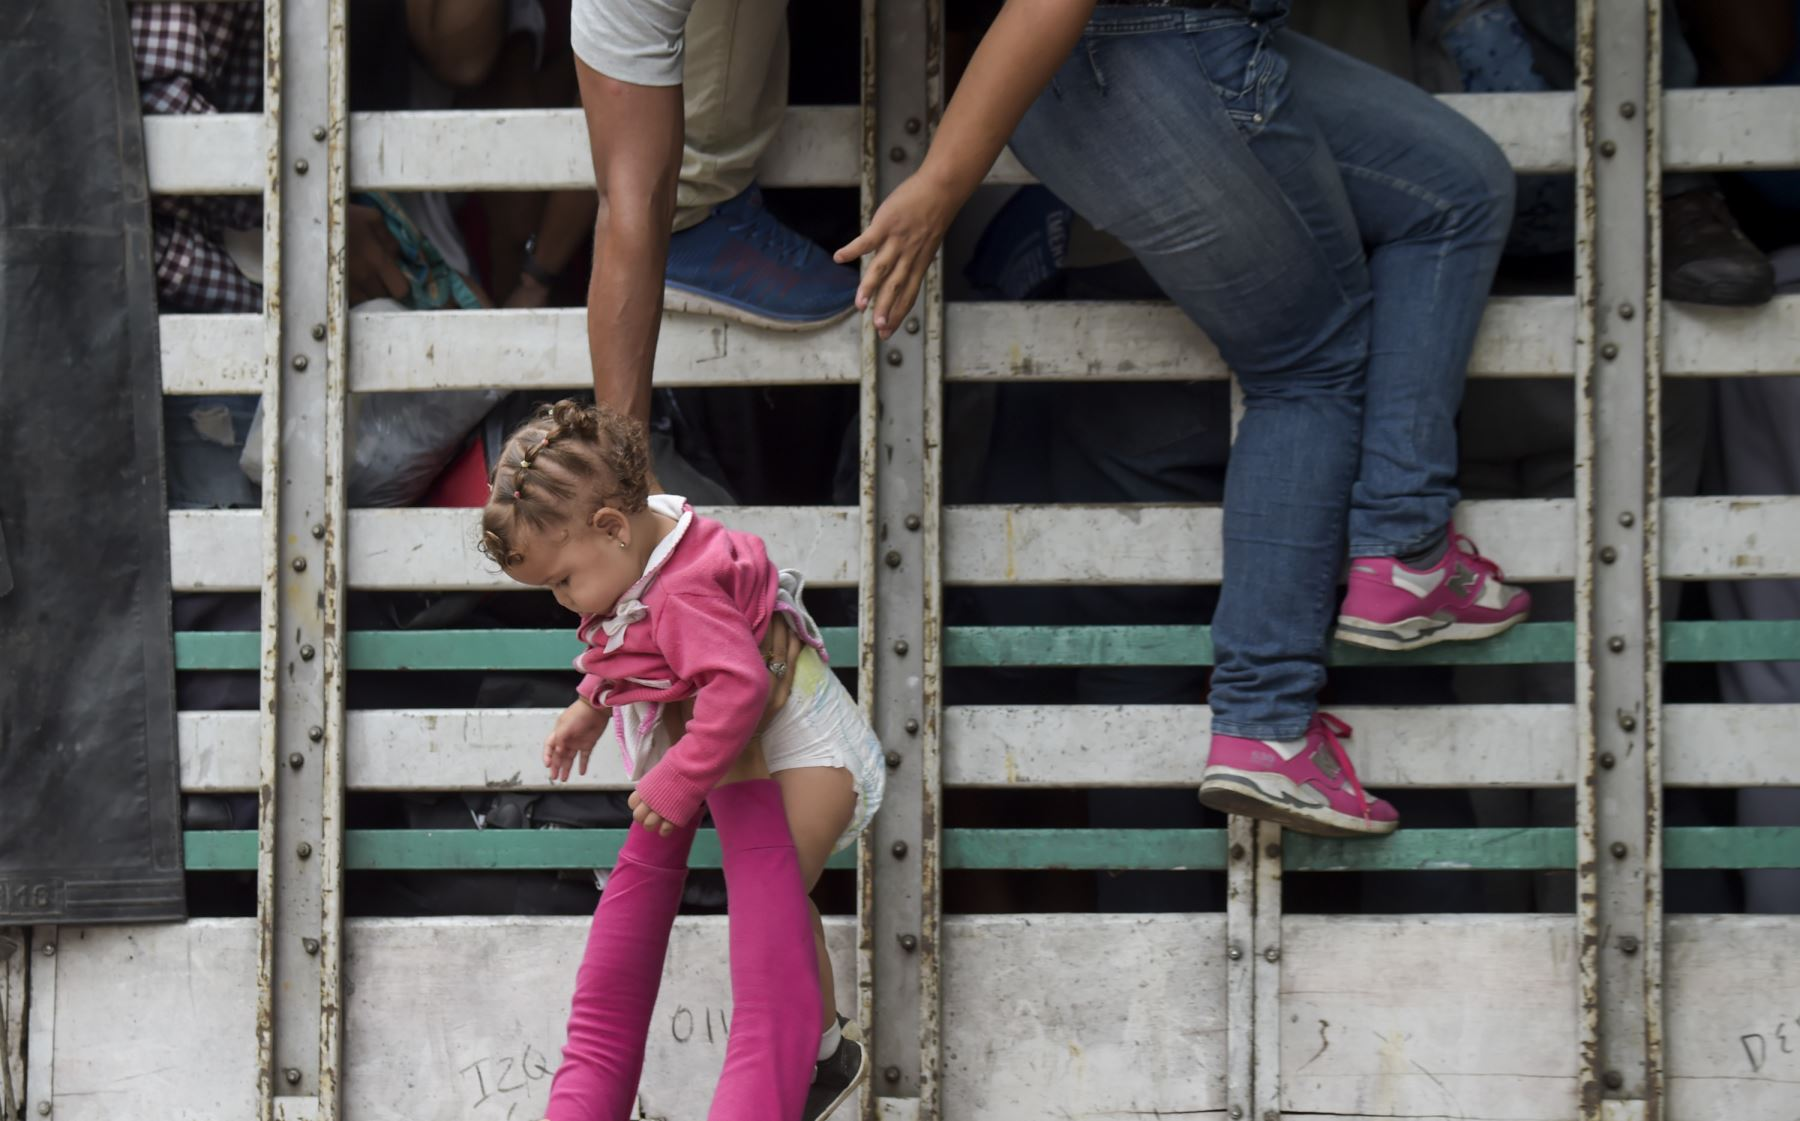 Los migrantes venezolanos suben a un camión en la carretera de Cúcuta a Pamplona, en el departamento de Norte de Santander, Colombia. Foto: AFP/. Raul Arboleda